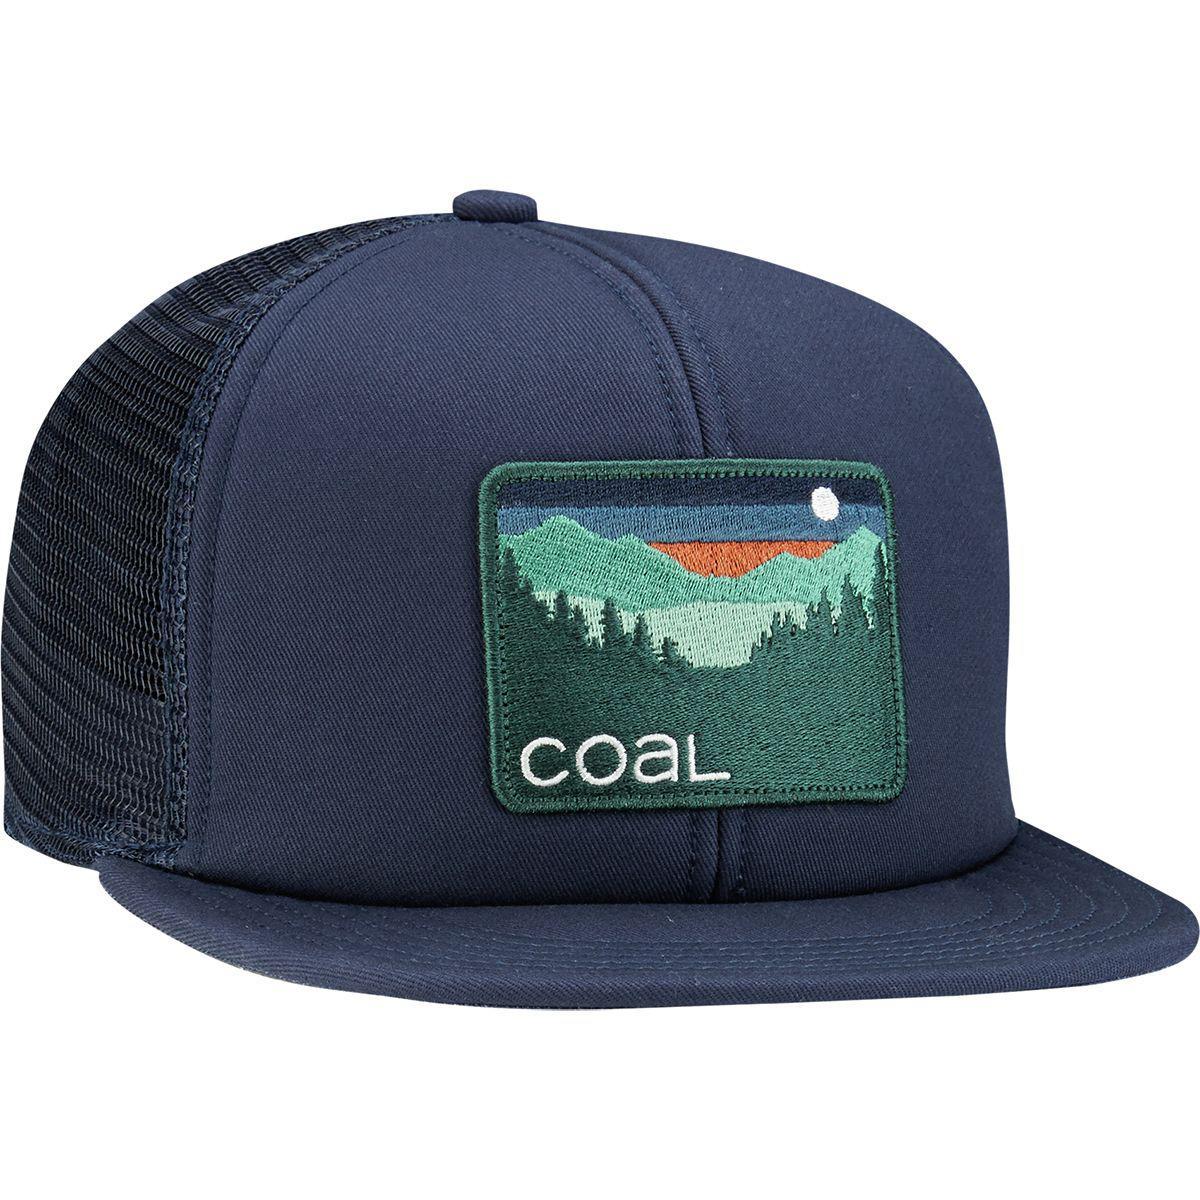 8a0d8ddf5af Lyst - Coal Hauler Trucker Hat in Blue for Men